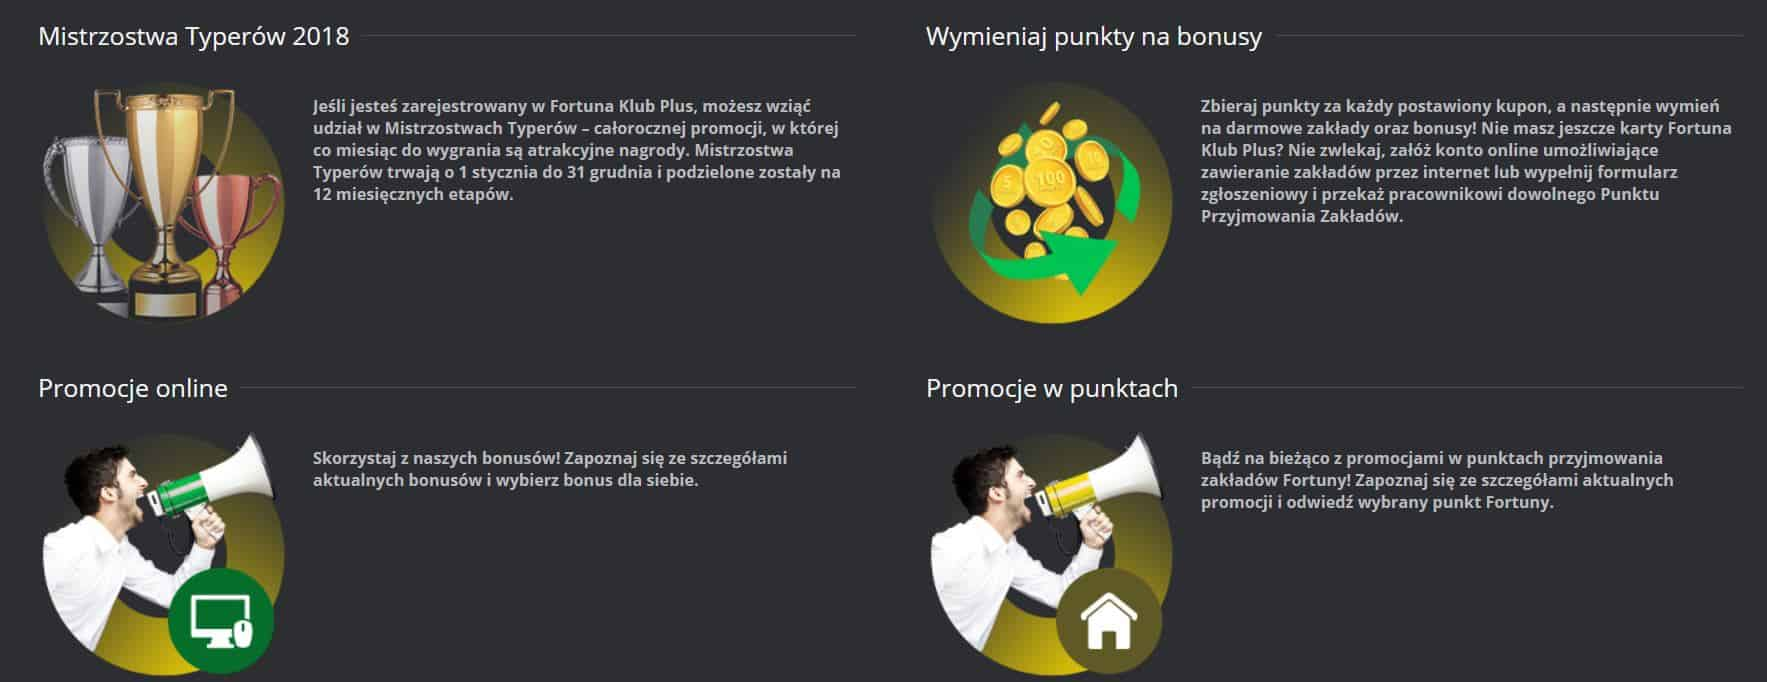 Statystyki bukmacherskie w Fortunie